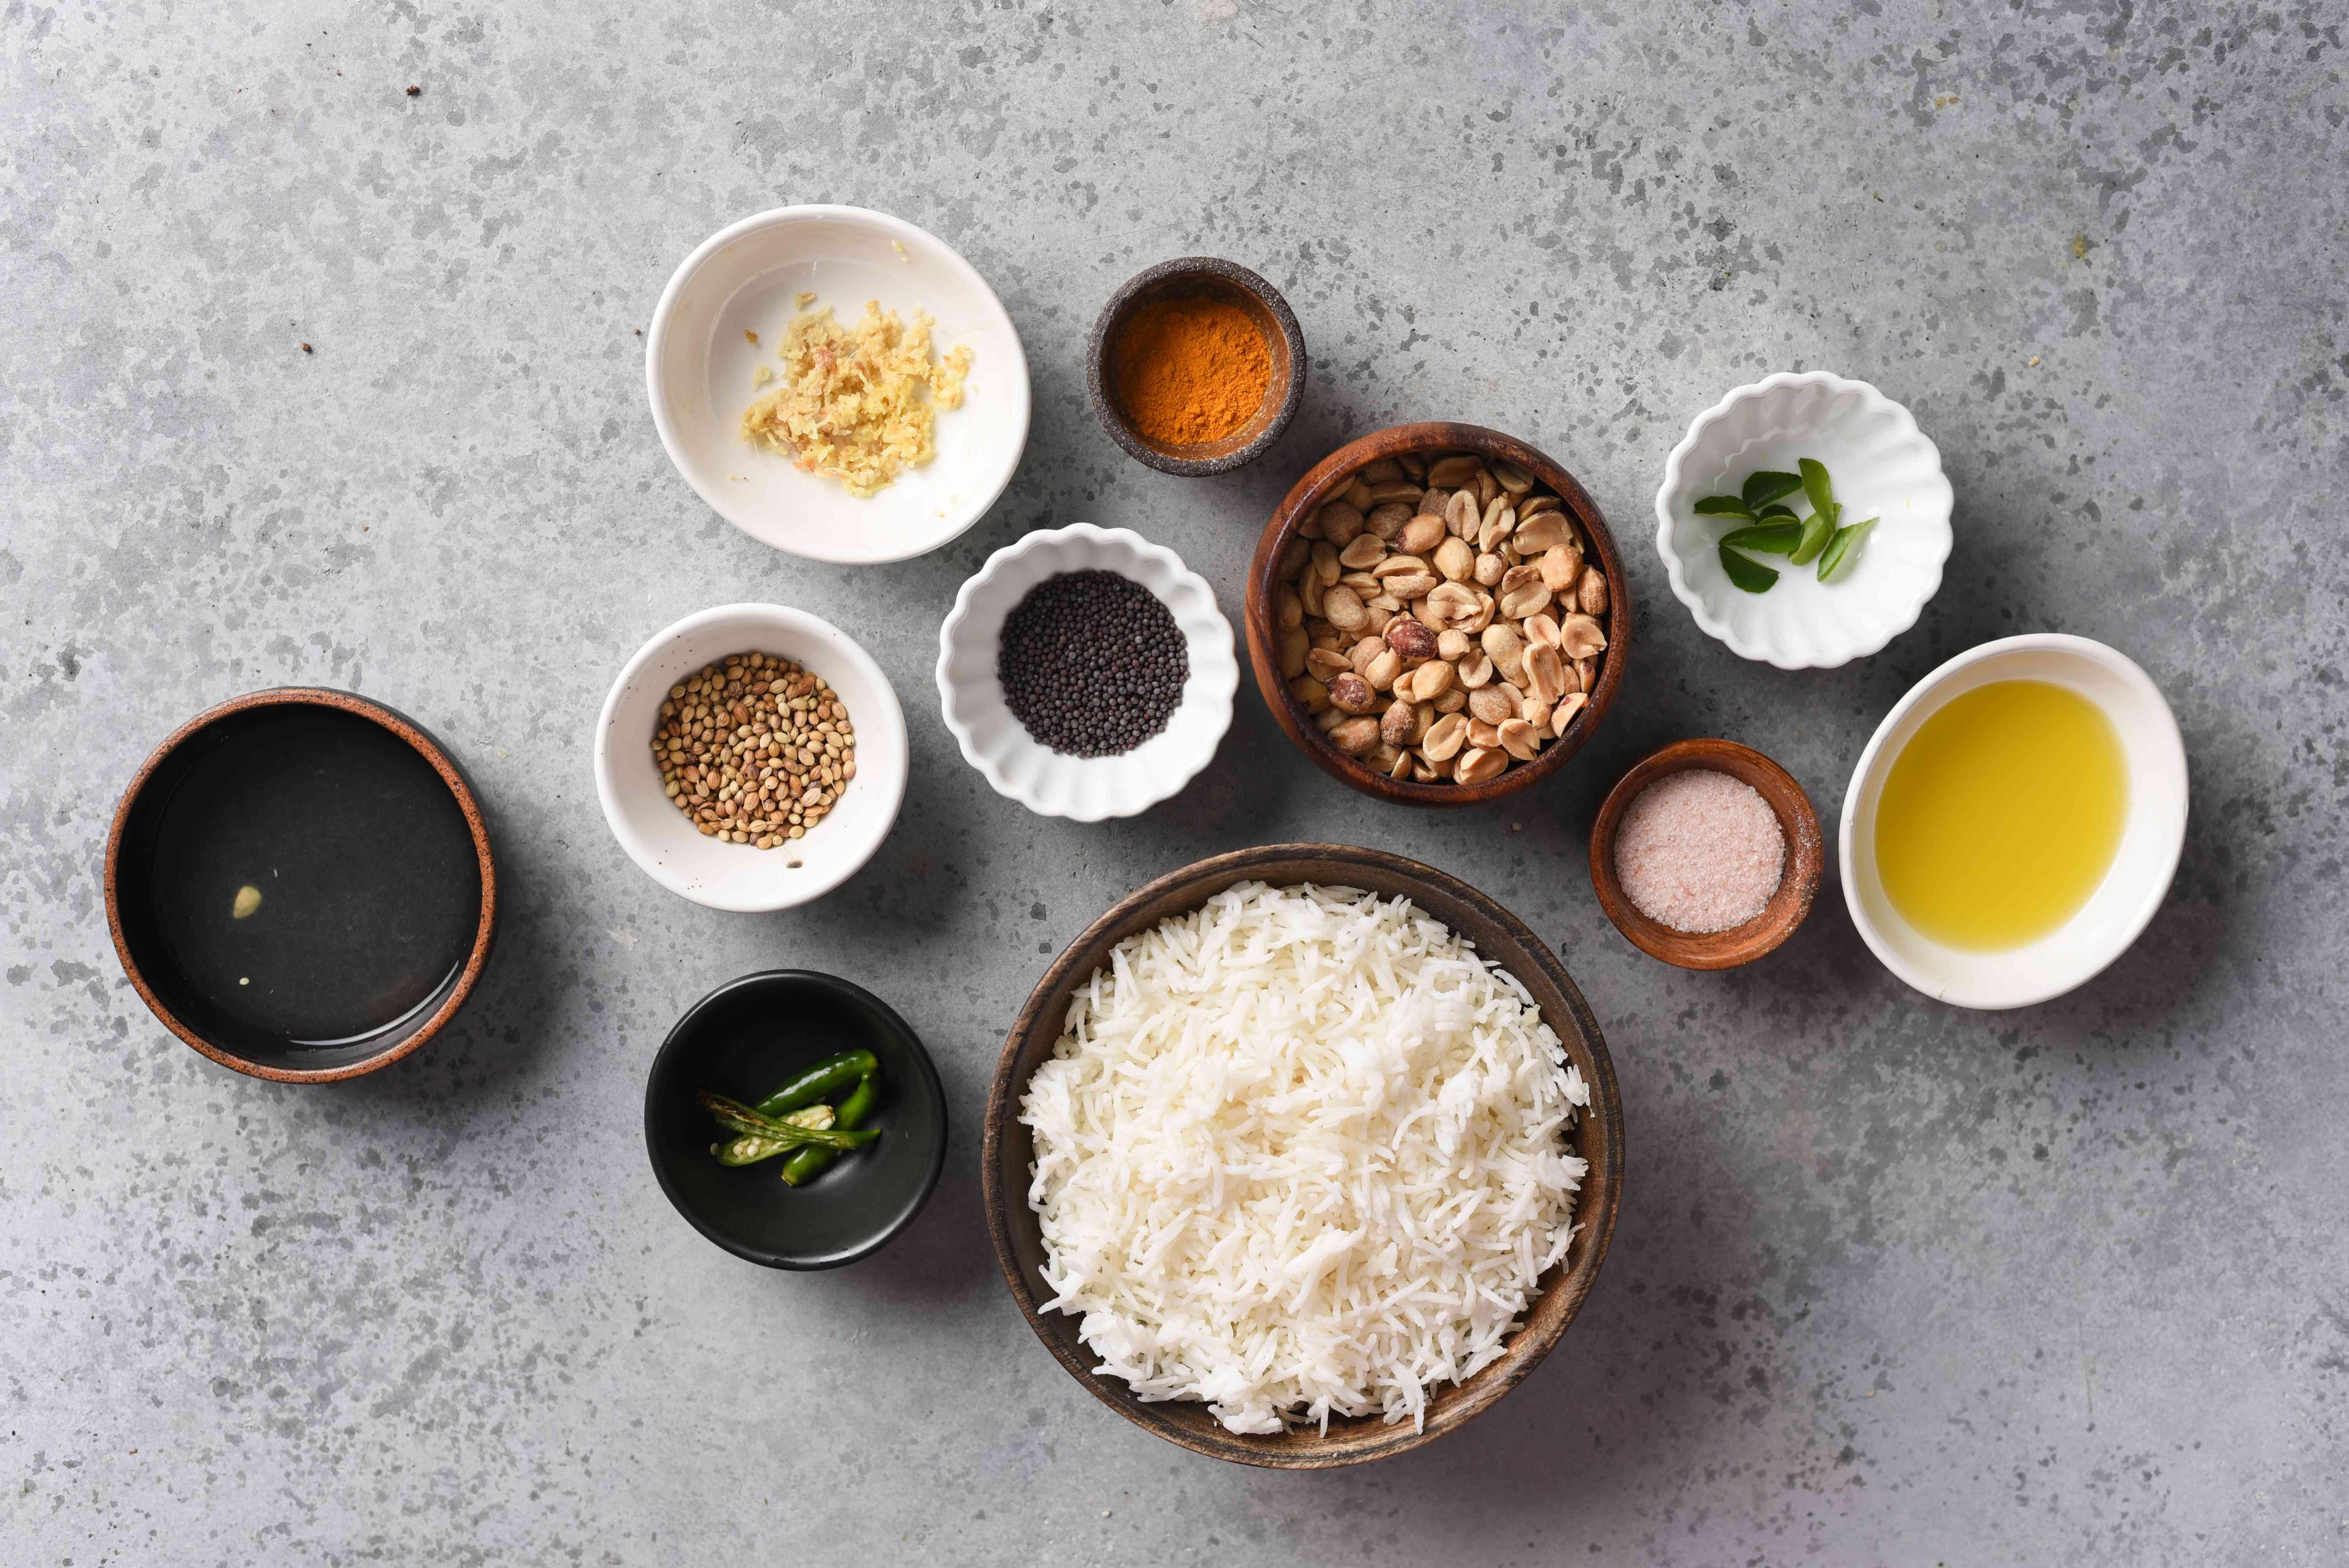 South Indian lemon rice recipe ingredients